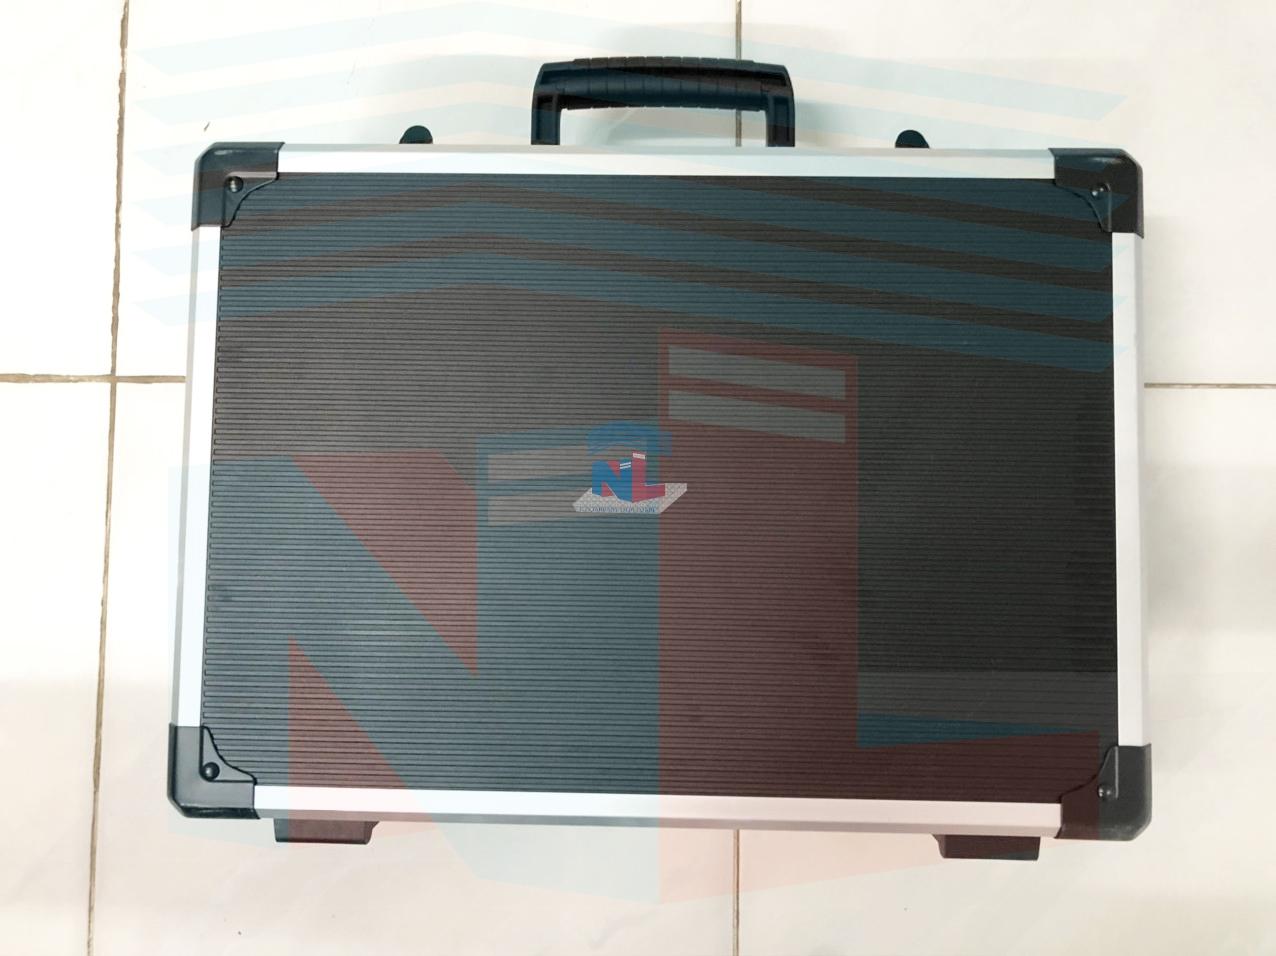 Gia công và làm vali nhựa đựng dụng cụ theo yêu cầu